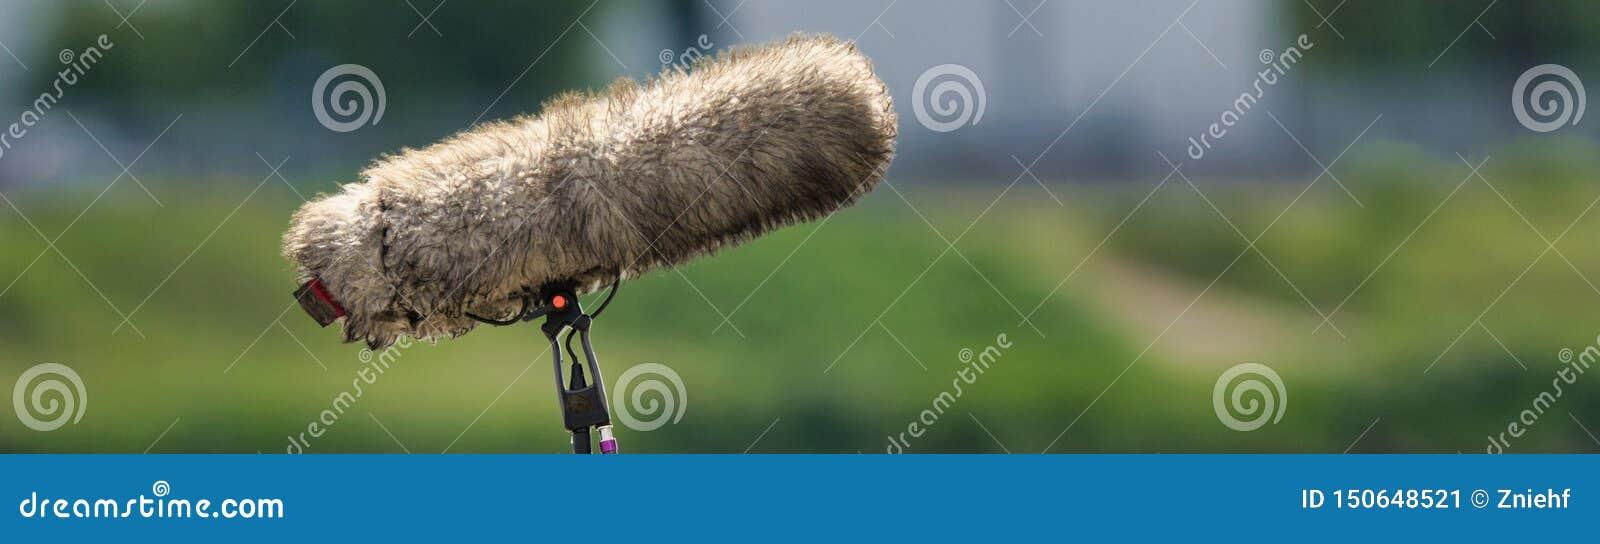 一个专业话筒的特写镜头录音的以减少风噪声的盖子,故意地被弄脏的背景,